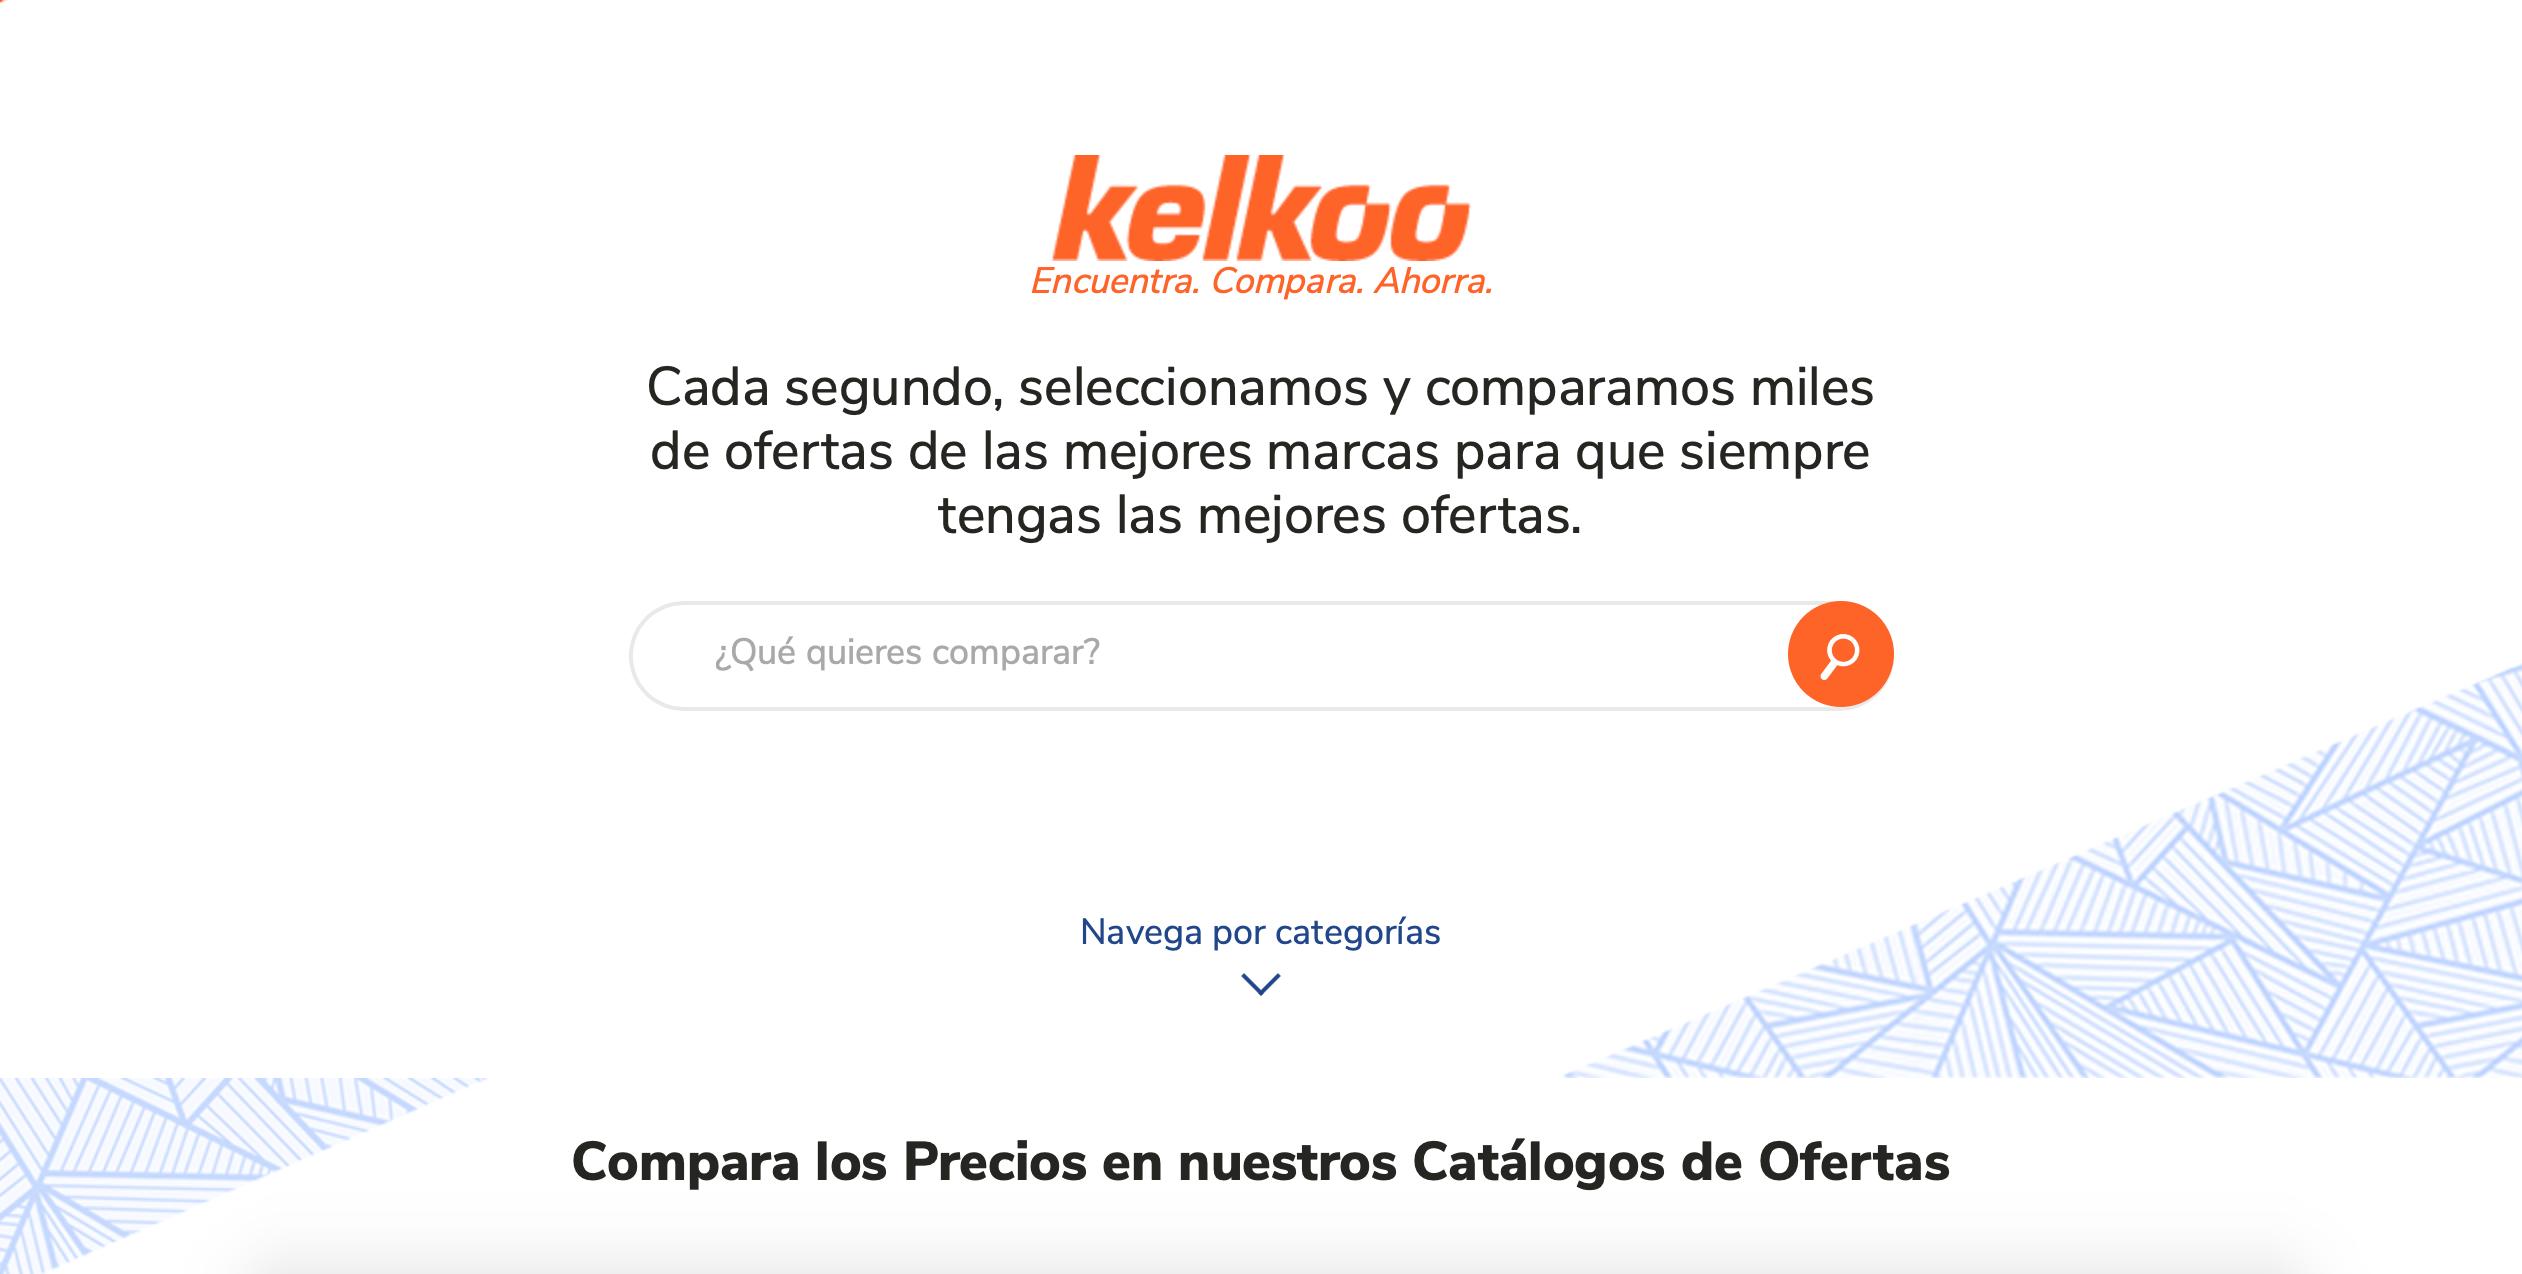 Kelkoo comparativa de precios